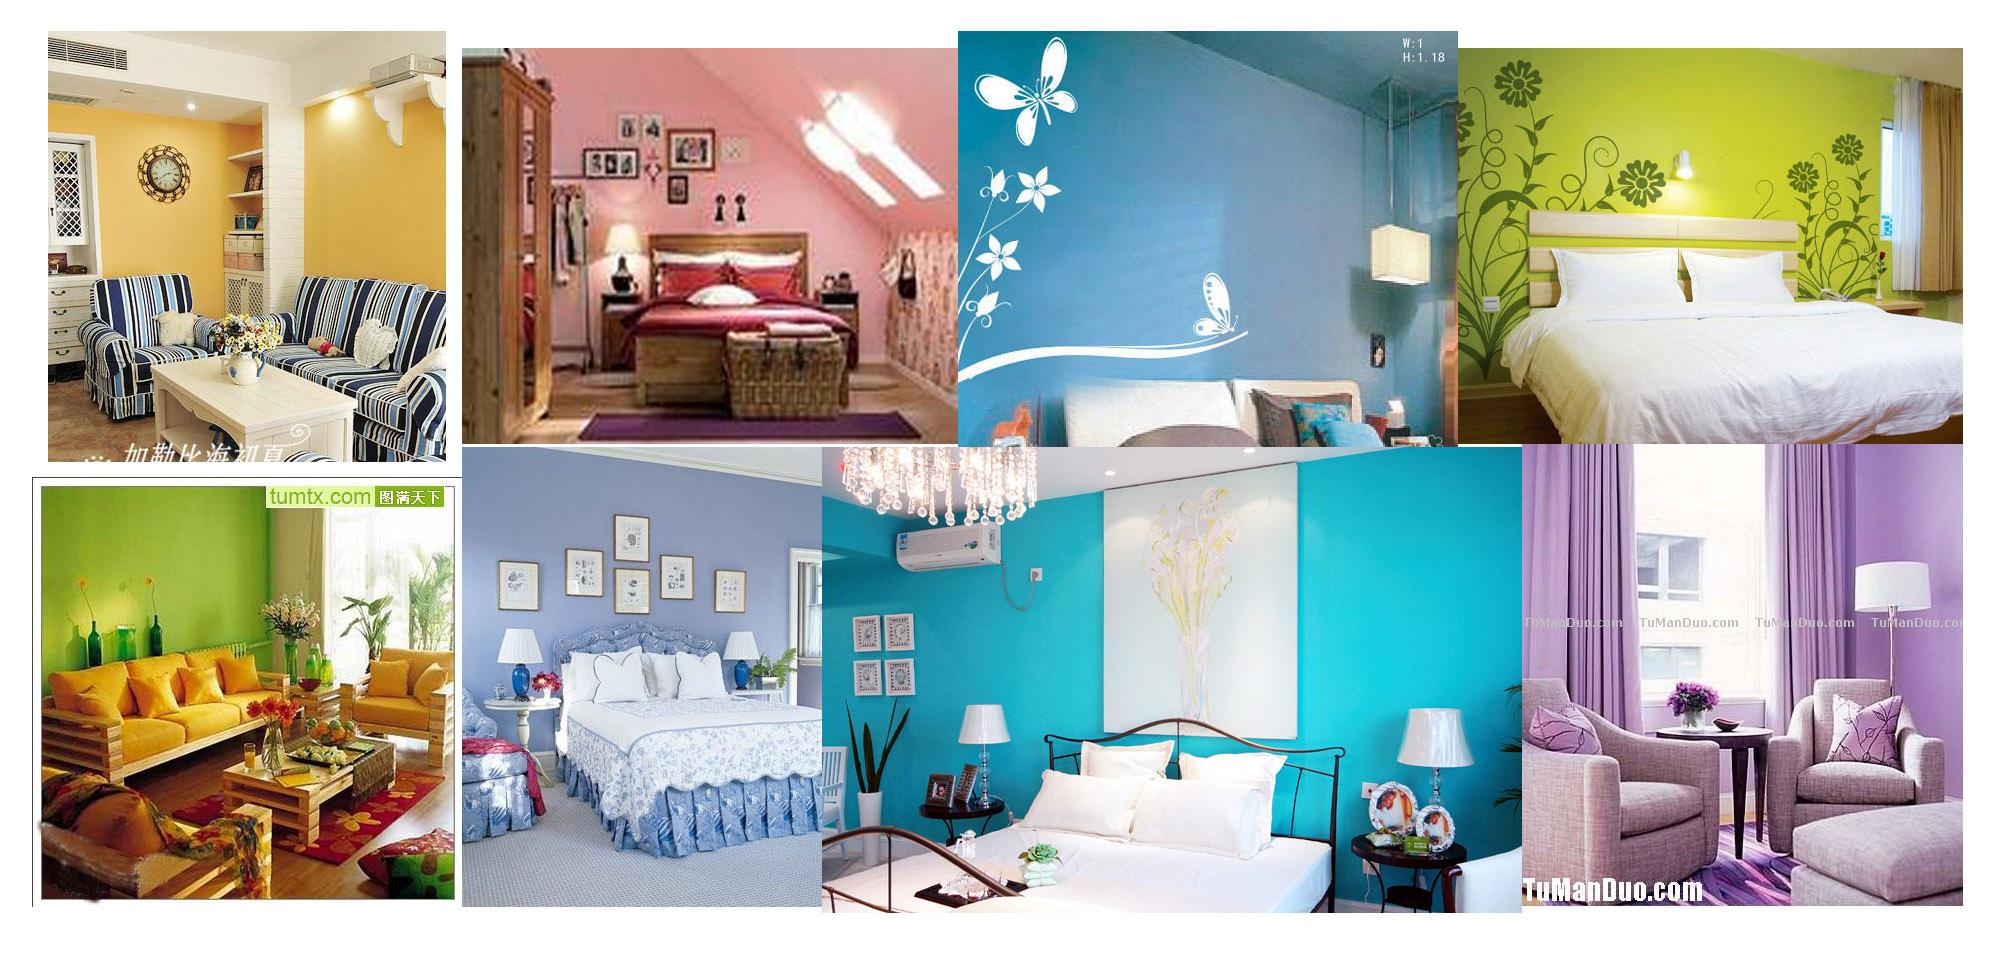 室内刷乳胶漆有毒_客厅、餐厅、卧室刷什么颜色的乳胶漆好啊?能否给我个图片 ...